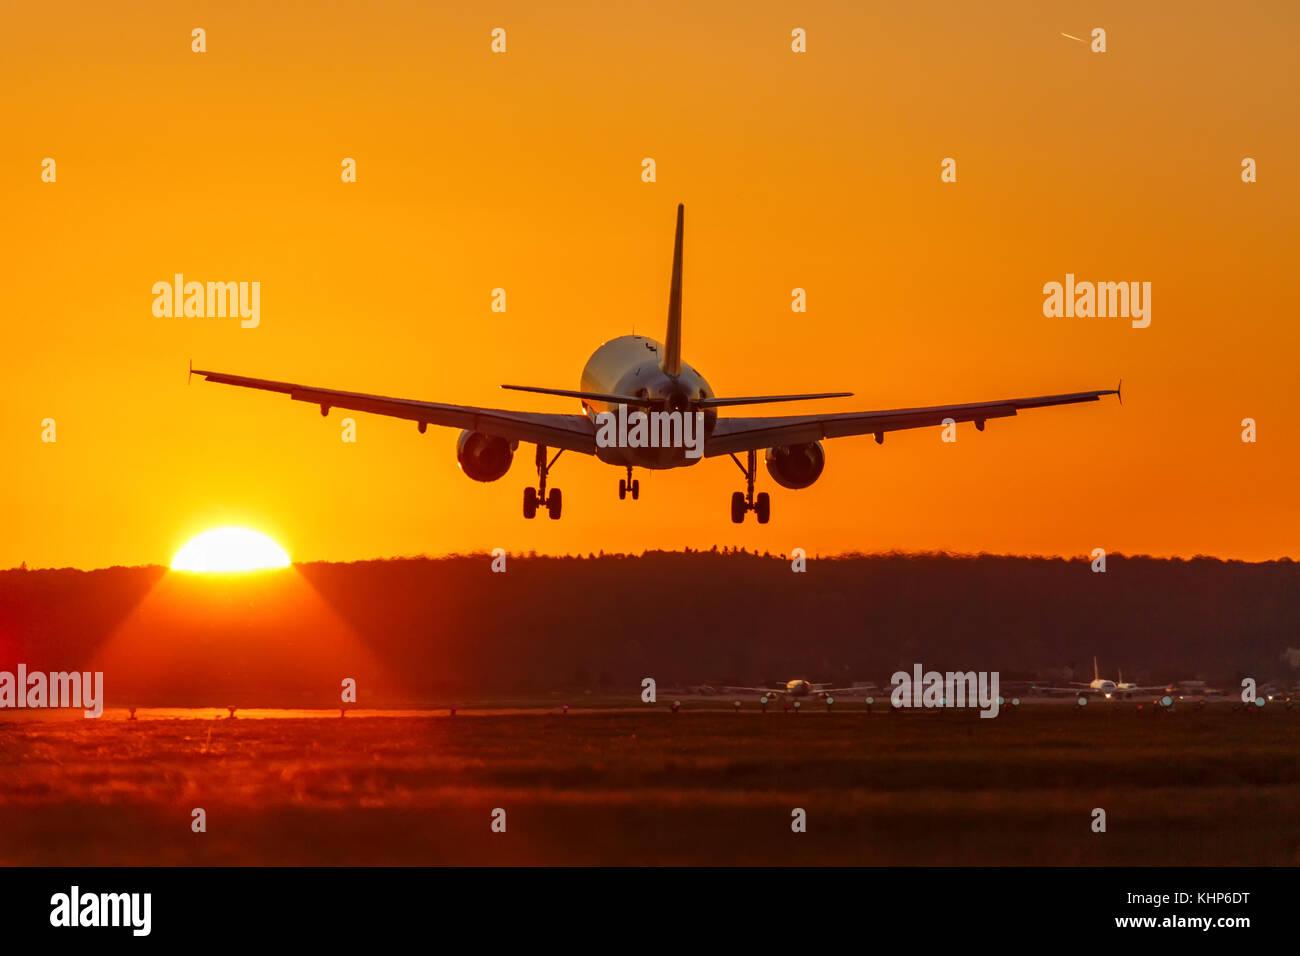 Flugzeug Landung fliegen Flughafen Sonne Sonnenuntergang Urlaub Ferien Reisen Reisen Flugzeug Flugzeug reisen Stockbild